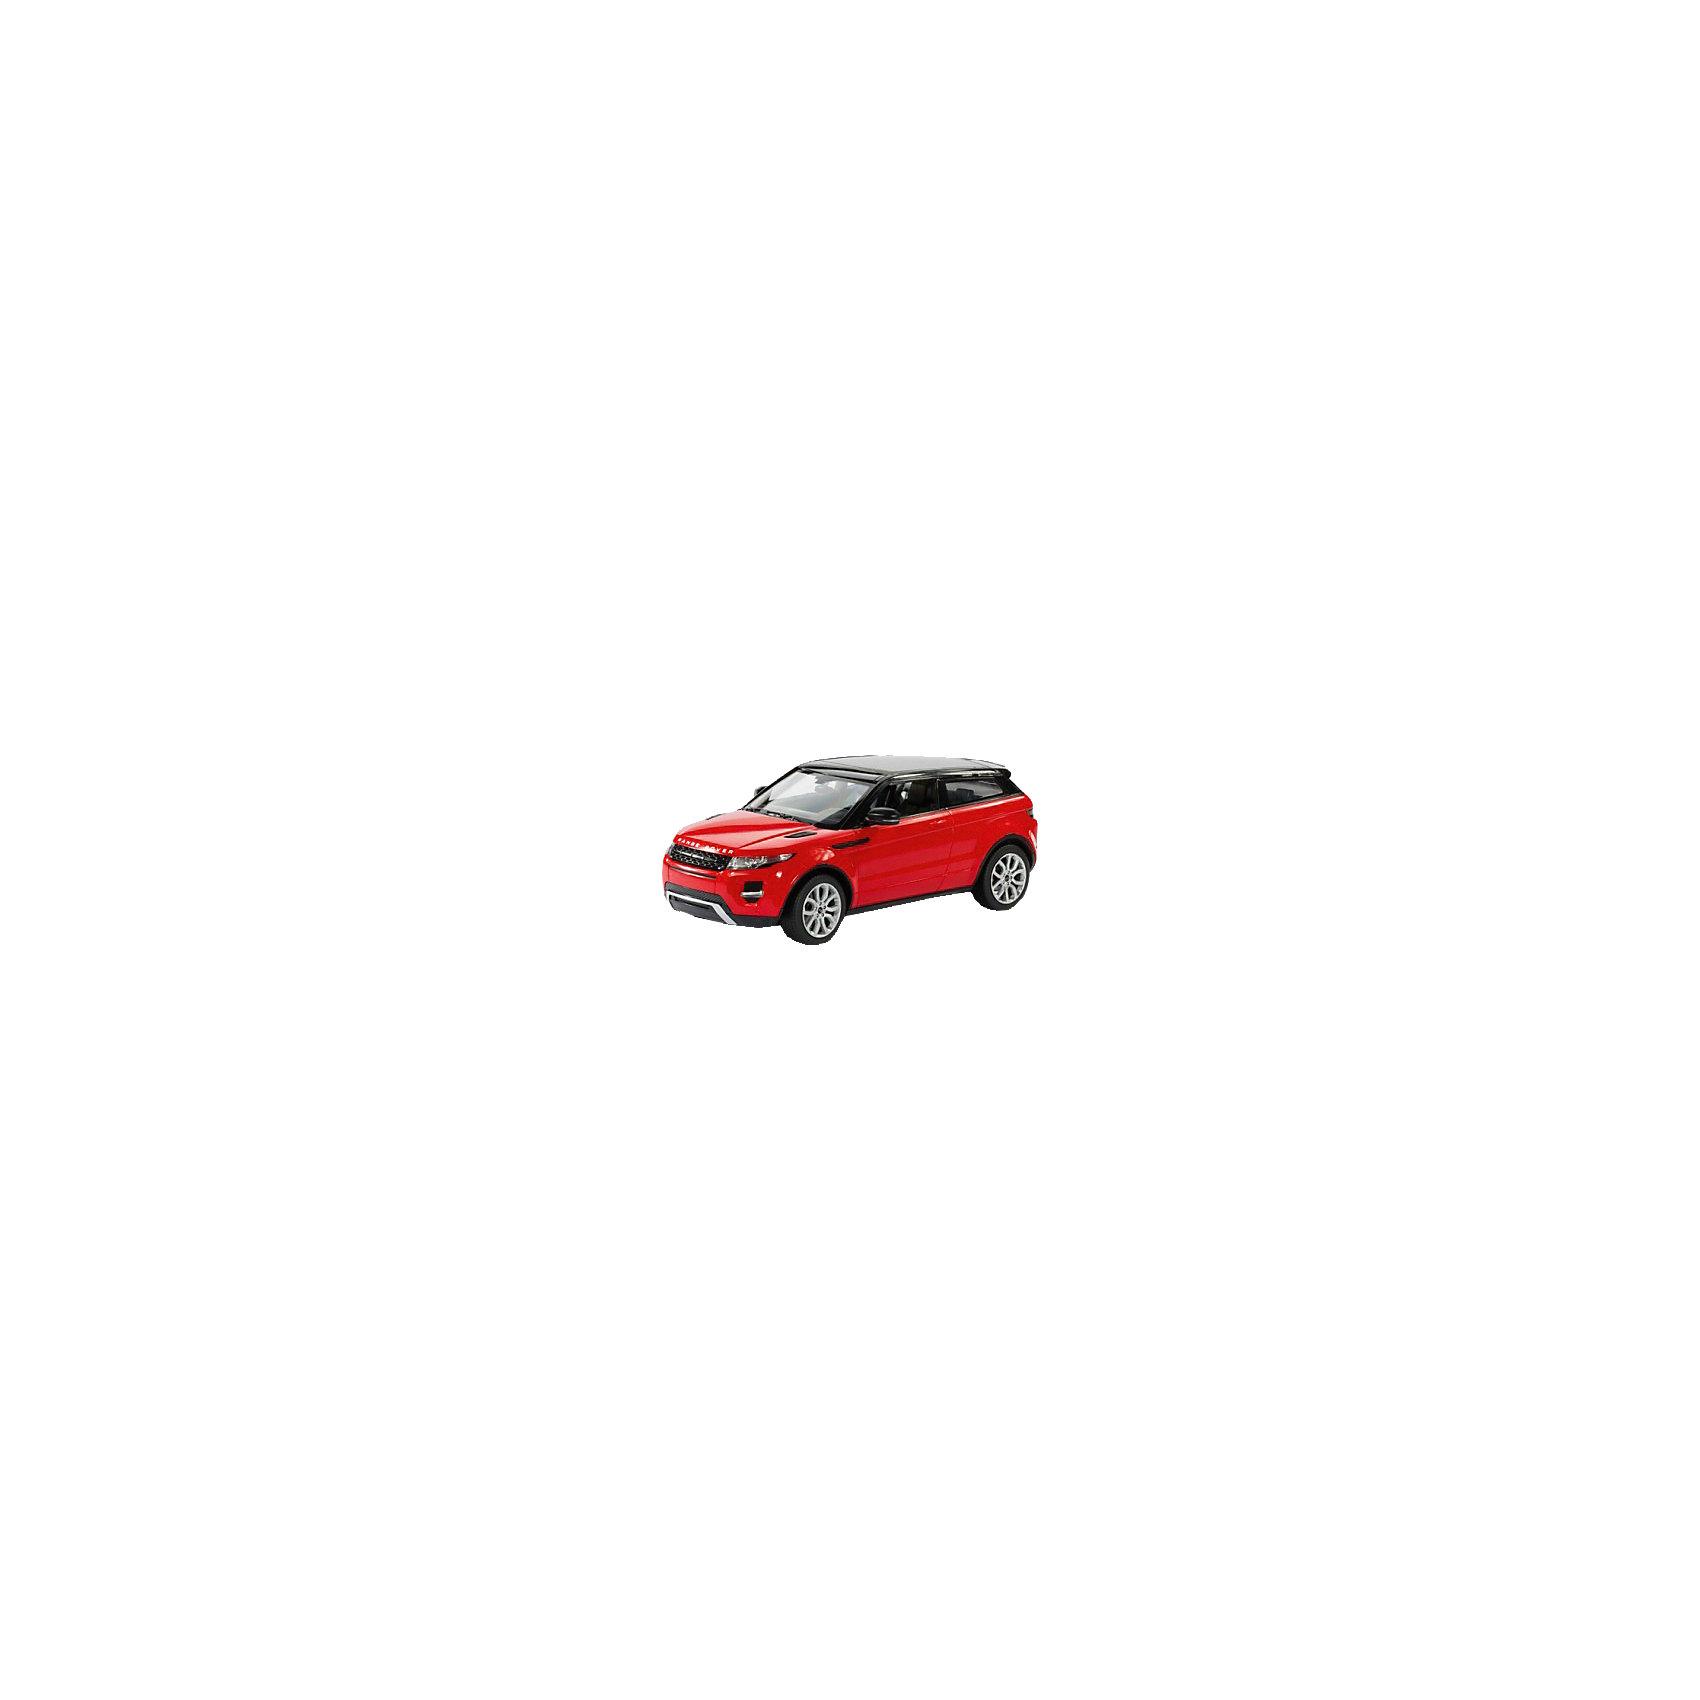 Машина RANGE ROVER EVOQUE, свет, на р/у, RASTAR, красныйRange Rover Evoque - превосходный подарок для детей и взрослых любителей Range Rover Evoque, выполненный в масштабе 1:14 Автомобиль может двигаться вперед, назад, влево, вправо со скоростью до 7 км/час. Передние фары и задние фонари, которыми оснащена игрушка, загораются при движении. Дальность управления игрушкой -  15-45 метров  Игрушечные машинки – незаменимый спутник роста и развития мальчиков!  Дополнительная информация:  - Пульт радиоуправления на частоте 27MHz. - Материал: высококачественная пластмасса - Размеры упаковки(ДхШхВ): 23 x 44 x 18 см - Размер игрушки(ДхШхВ): 16,7 х 35,2 х 13,5 см. - Батарейки: 5 х АА, 1 х «Крона», в комплект не входят. - Вес: 1,52 кг ВНИМАНИЕ! Цвет данной игрушки представлен в ассортименте (красный, белый, черный). К сожалению, предварительный выбор определенного цвета невозможен. При заказе нескольких единиц товара возможно получение одинаковых.  Машину RANGE ROVER EVOQUE, свет, на р/у, RASTAR можно купить в нашем интернет-магазине.<br><br>Ширина мм: 180<br>Глубина мм: 230<br>Высота мм: 440<br>Вес г: 1520<br>Возраст от месяцев: 36<br>Возраст до месяцев: 144<br>Пол: Мужской<br>Возраст: Детский<br>SKU: 4838270